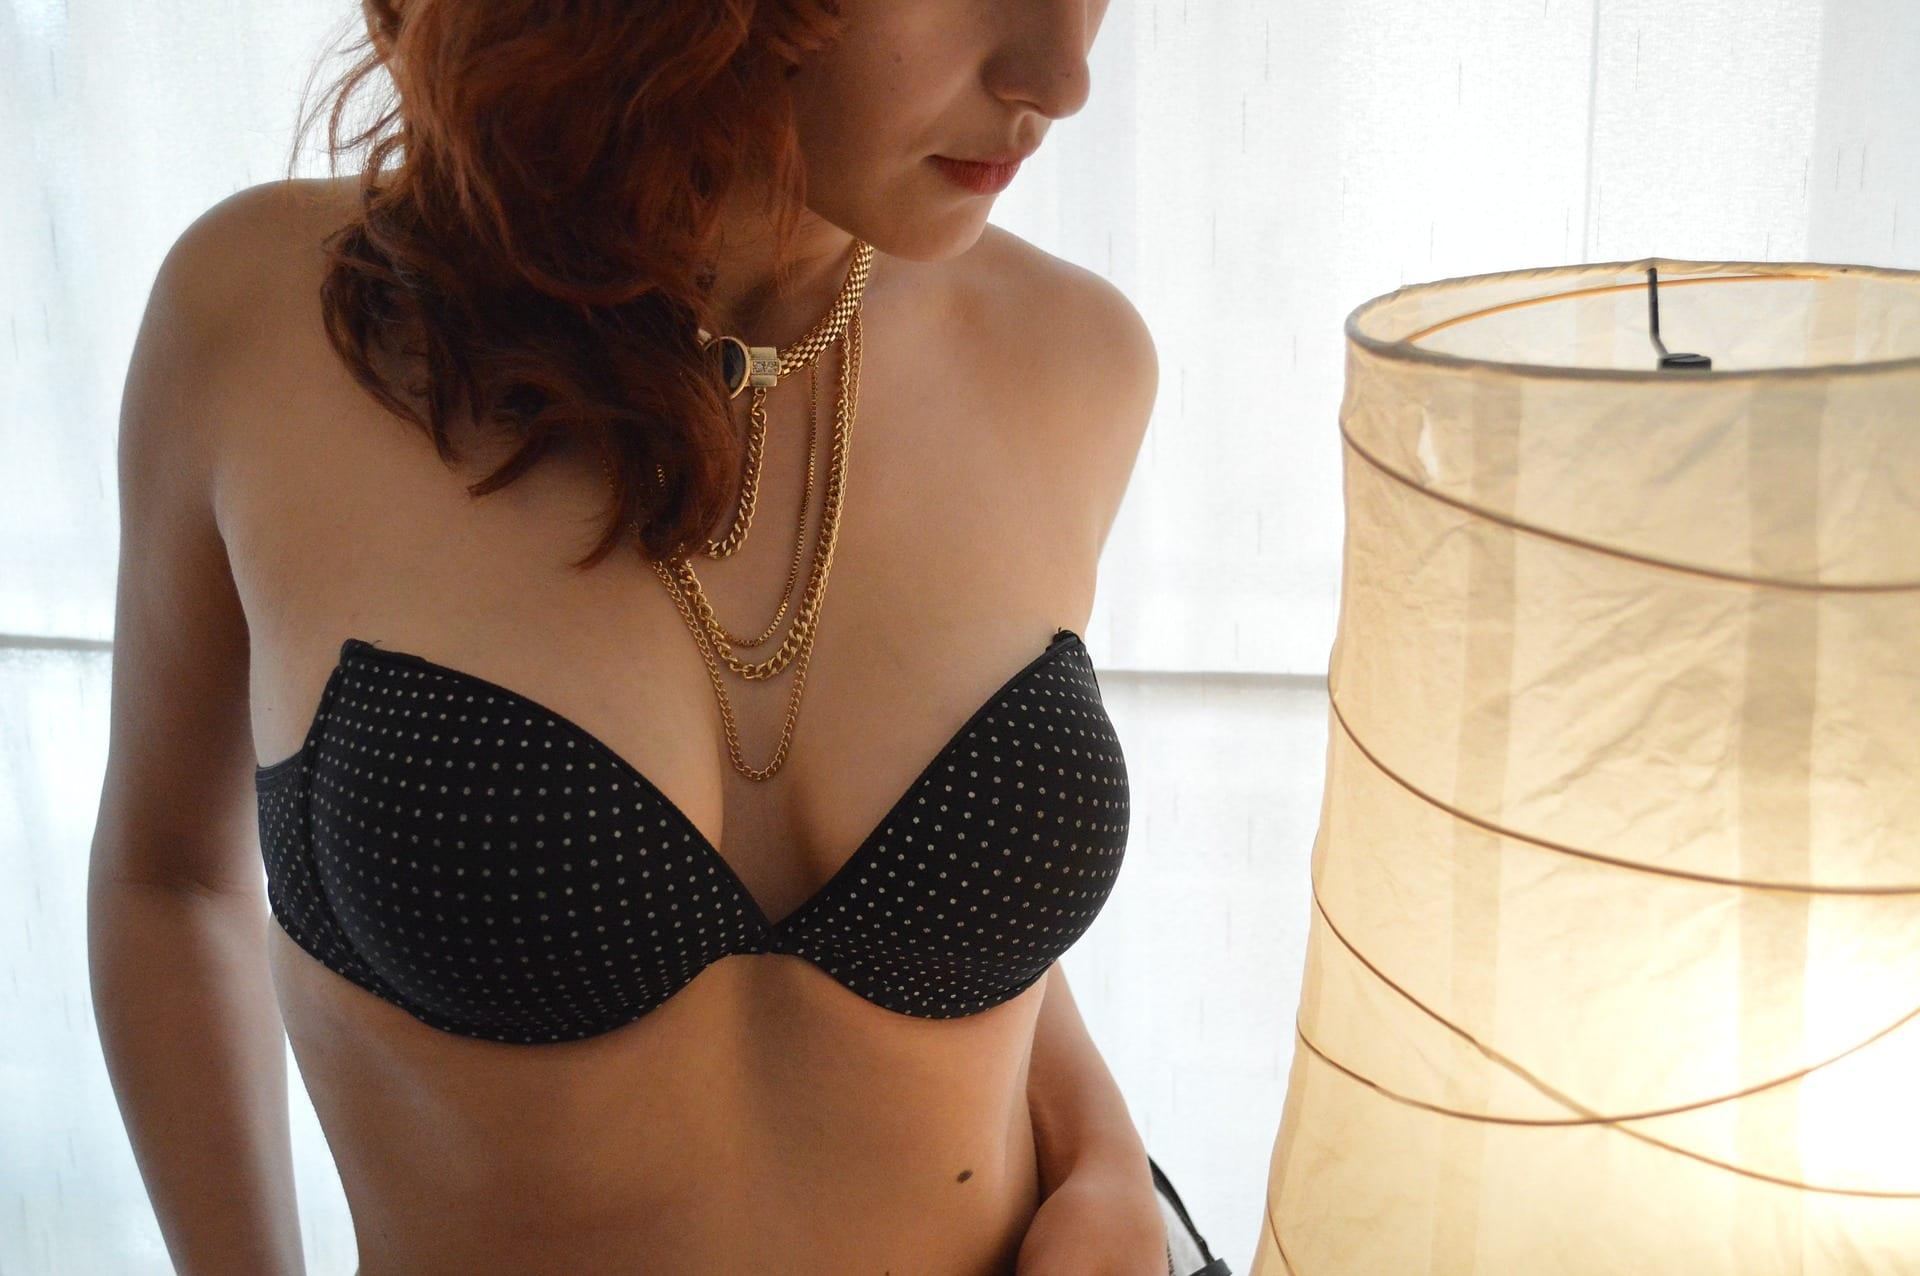 Auto erotização para aumentar a libido feminina